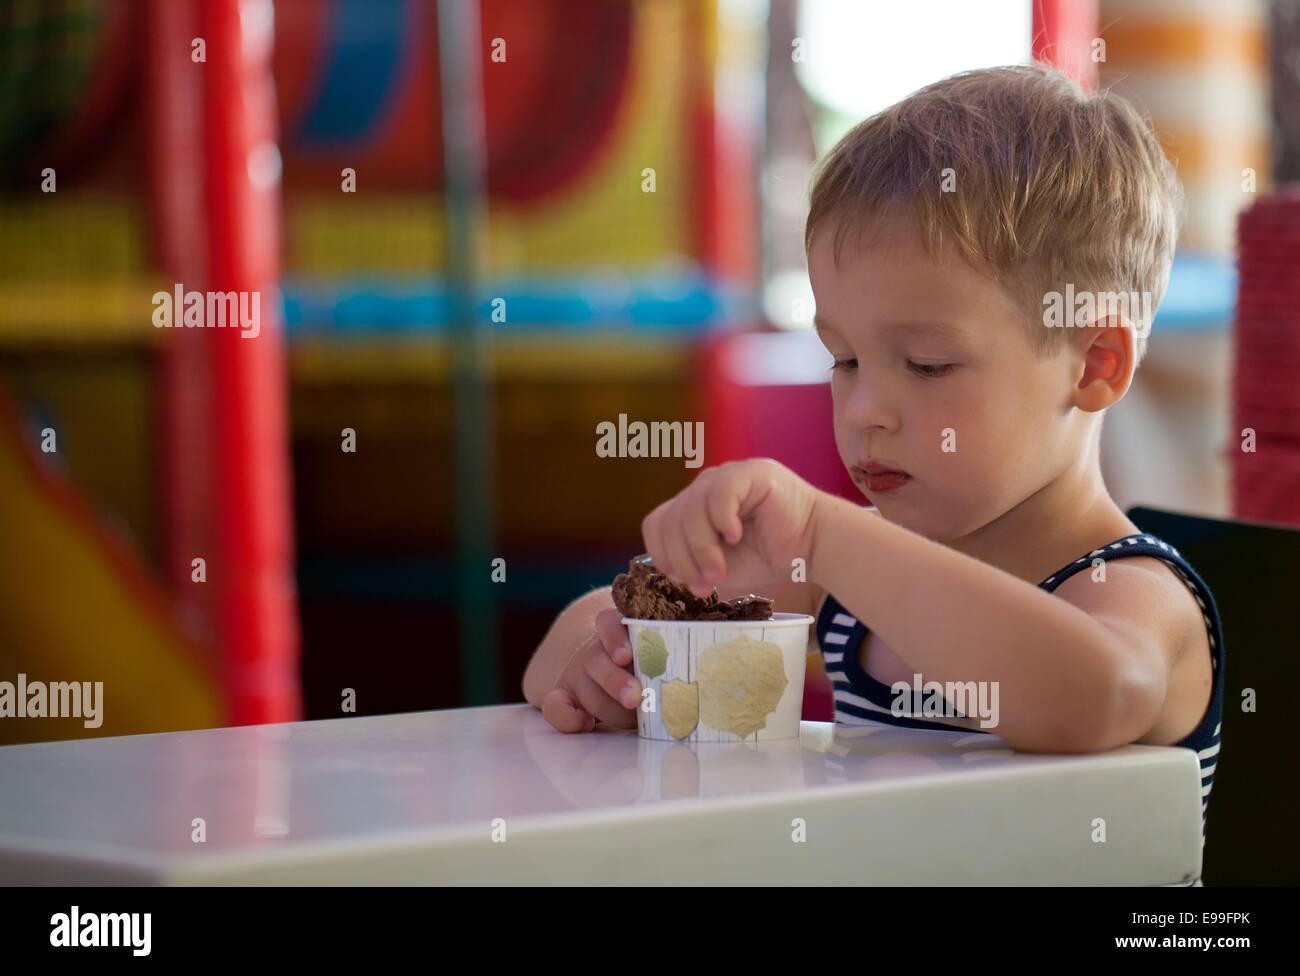 Petit enfant de manger de la crème glacée au chocolat Photo Stock